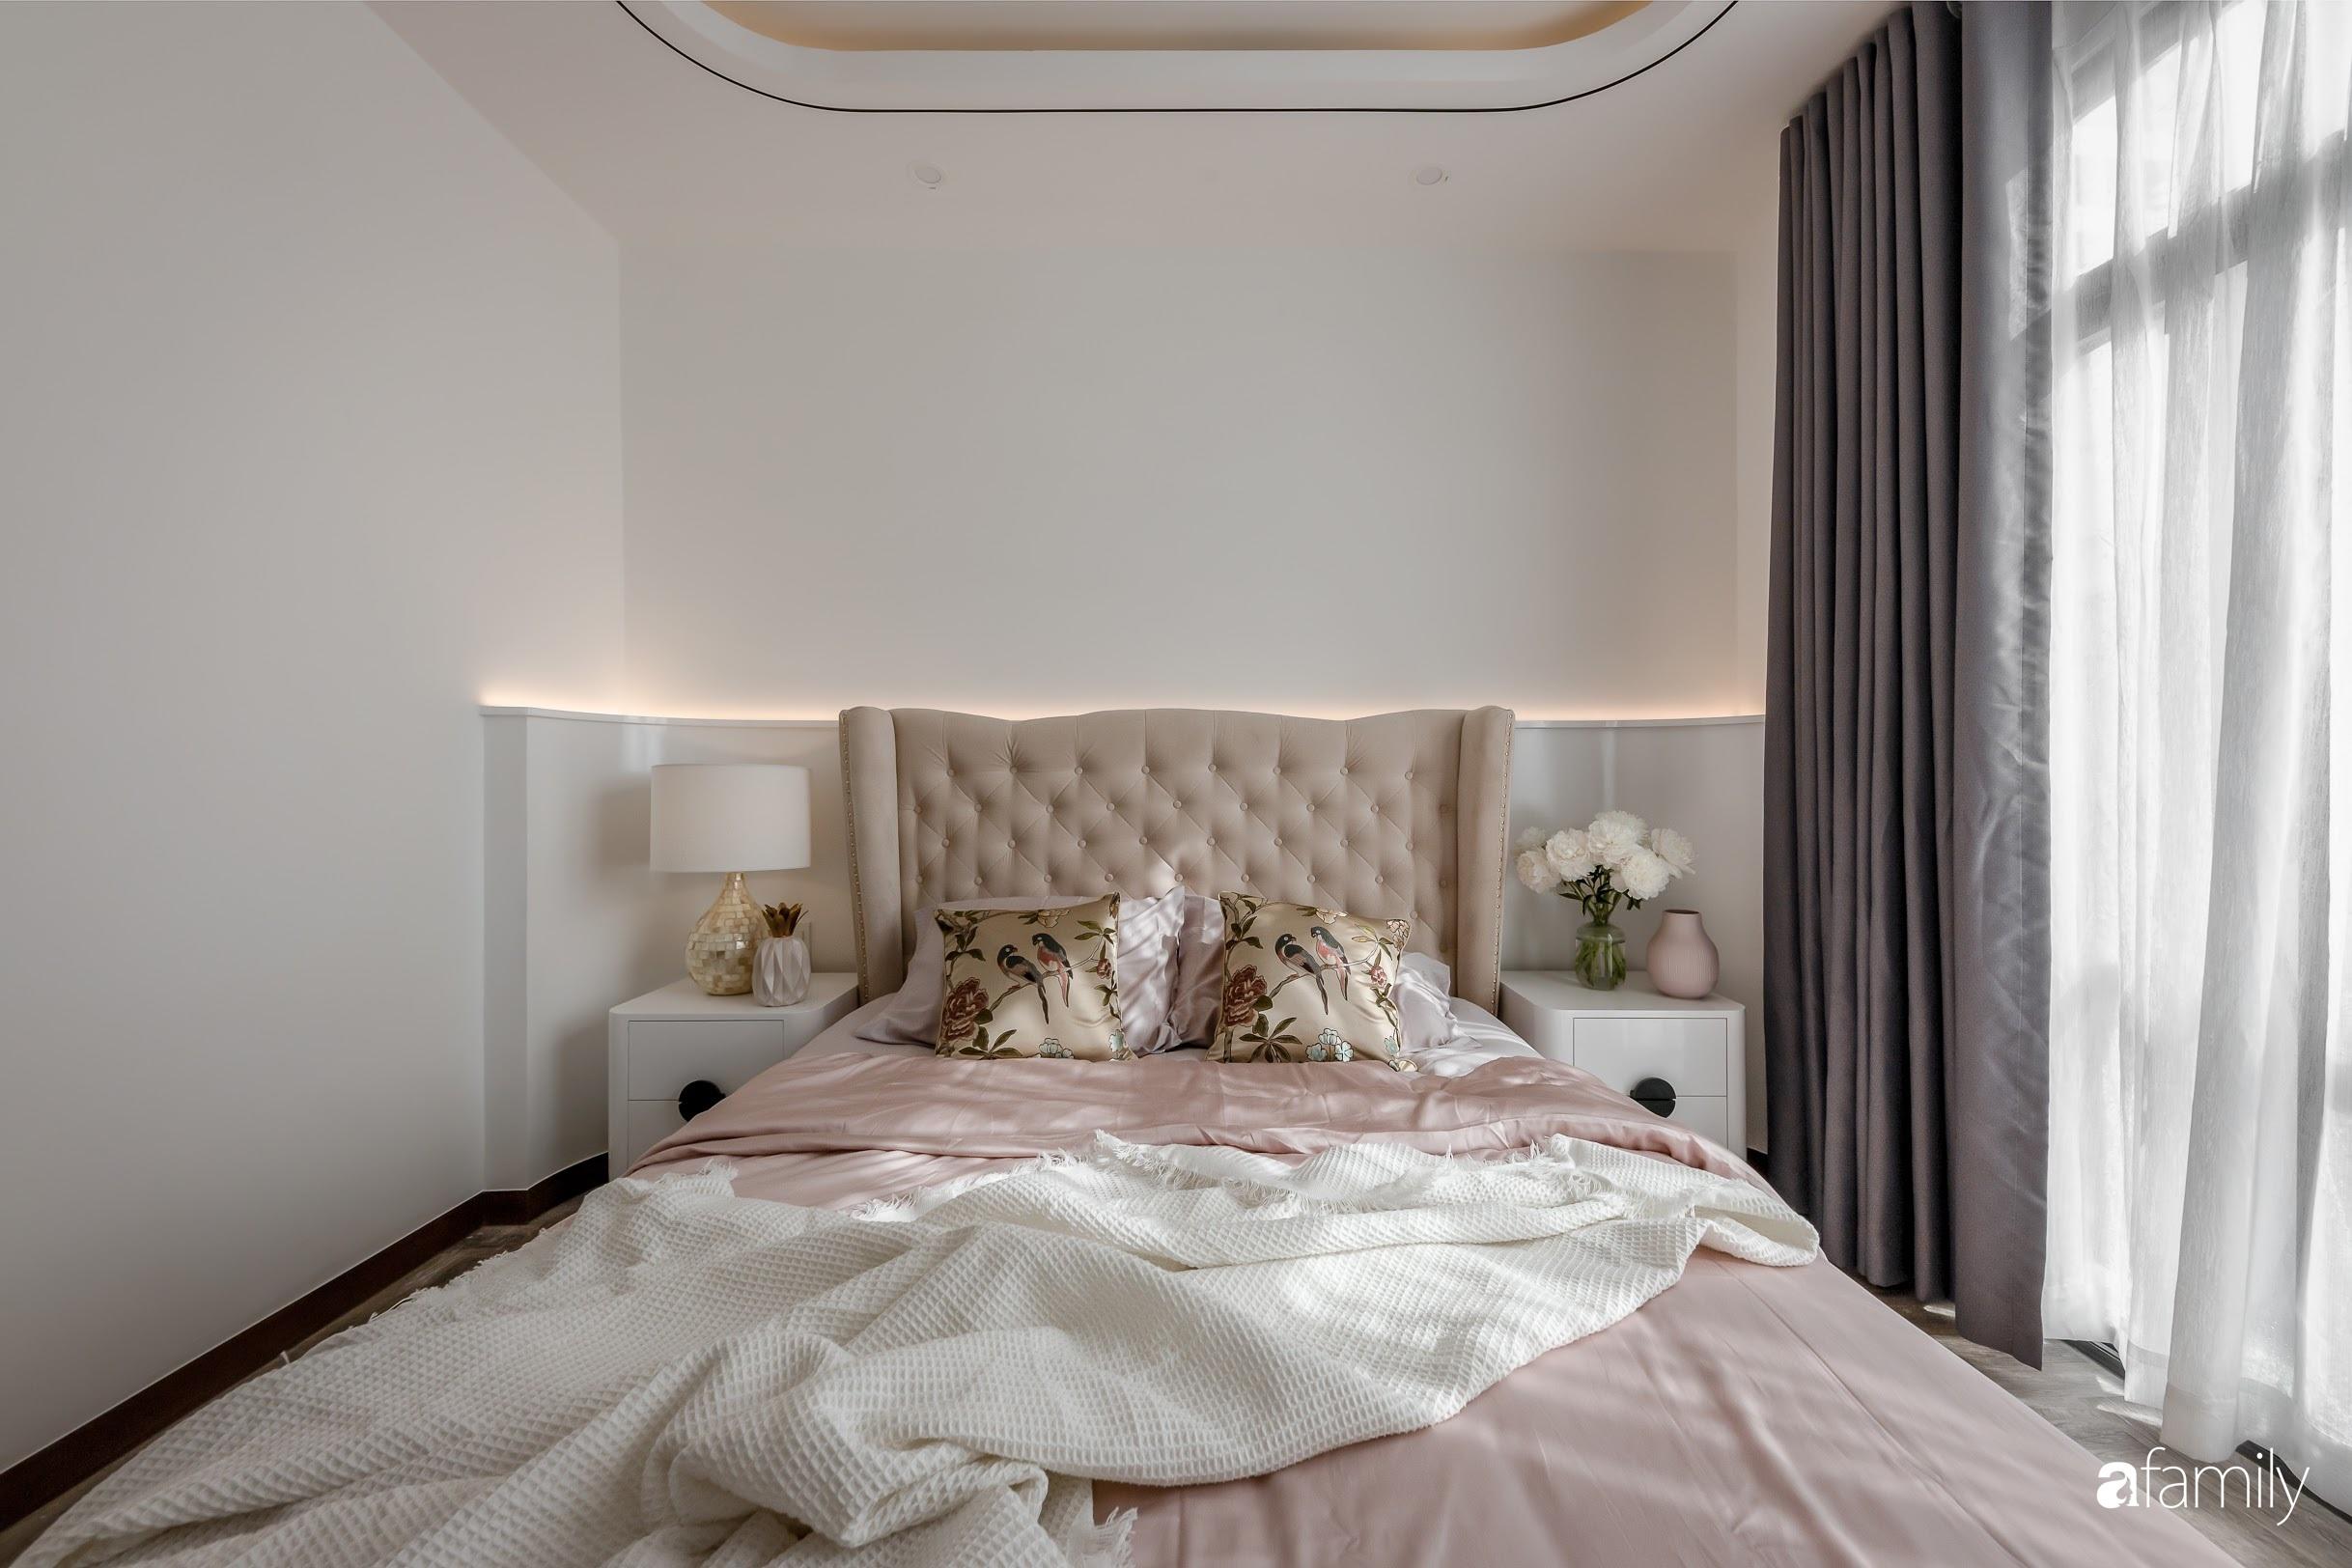 Căn nhà 5 tầng trong hẻm sang chảnh như resort cao cấp với chi phí thiết kế 900 triệu đồng ở TP HCMHCM - Ảnh 13.